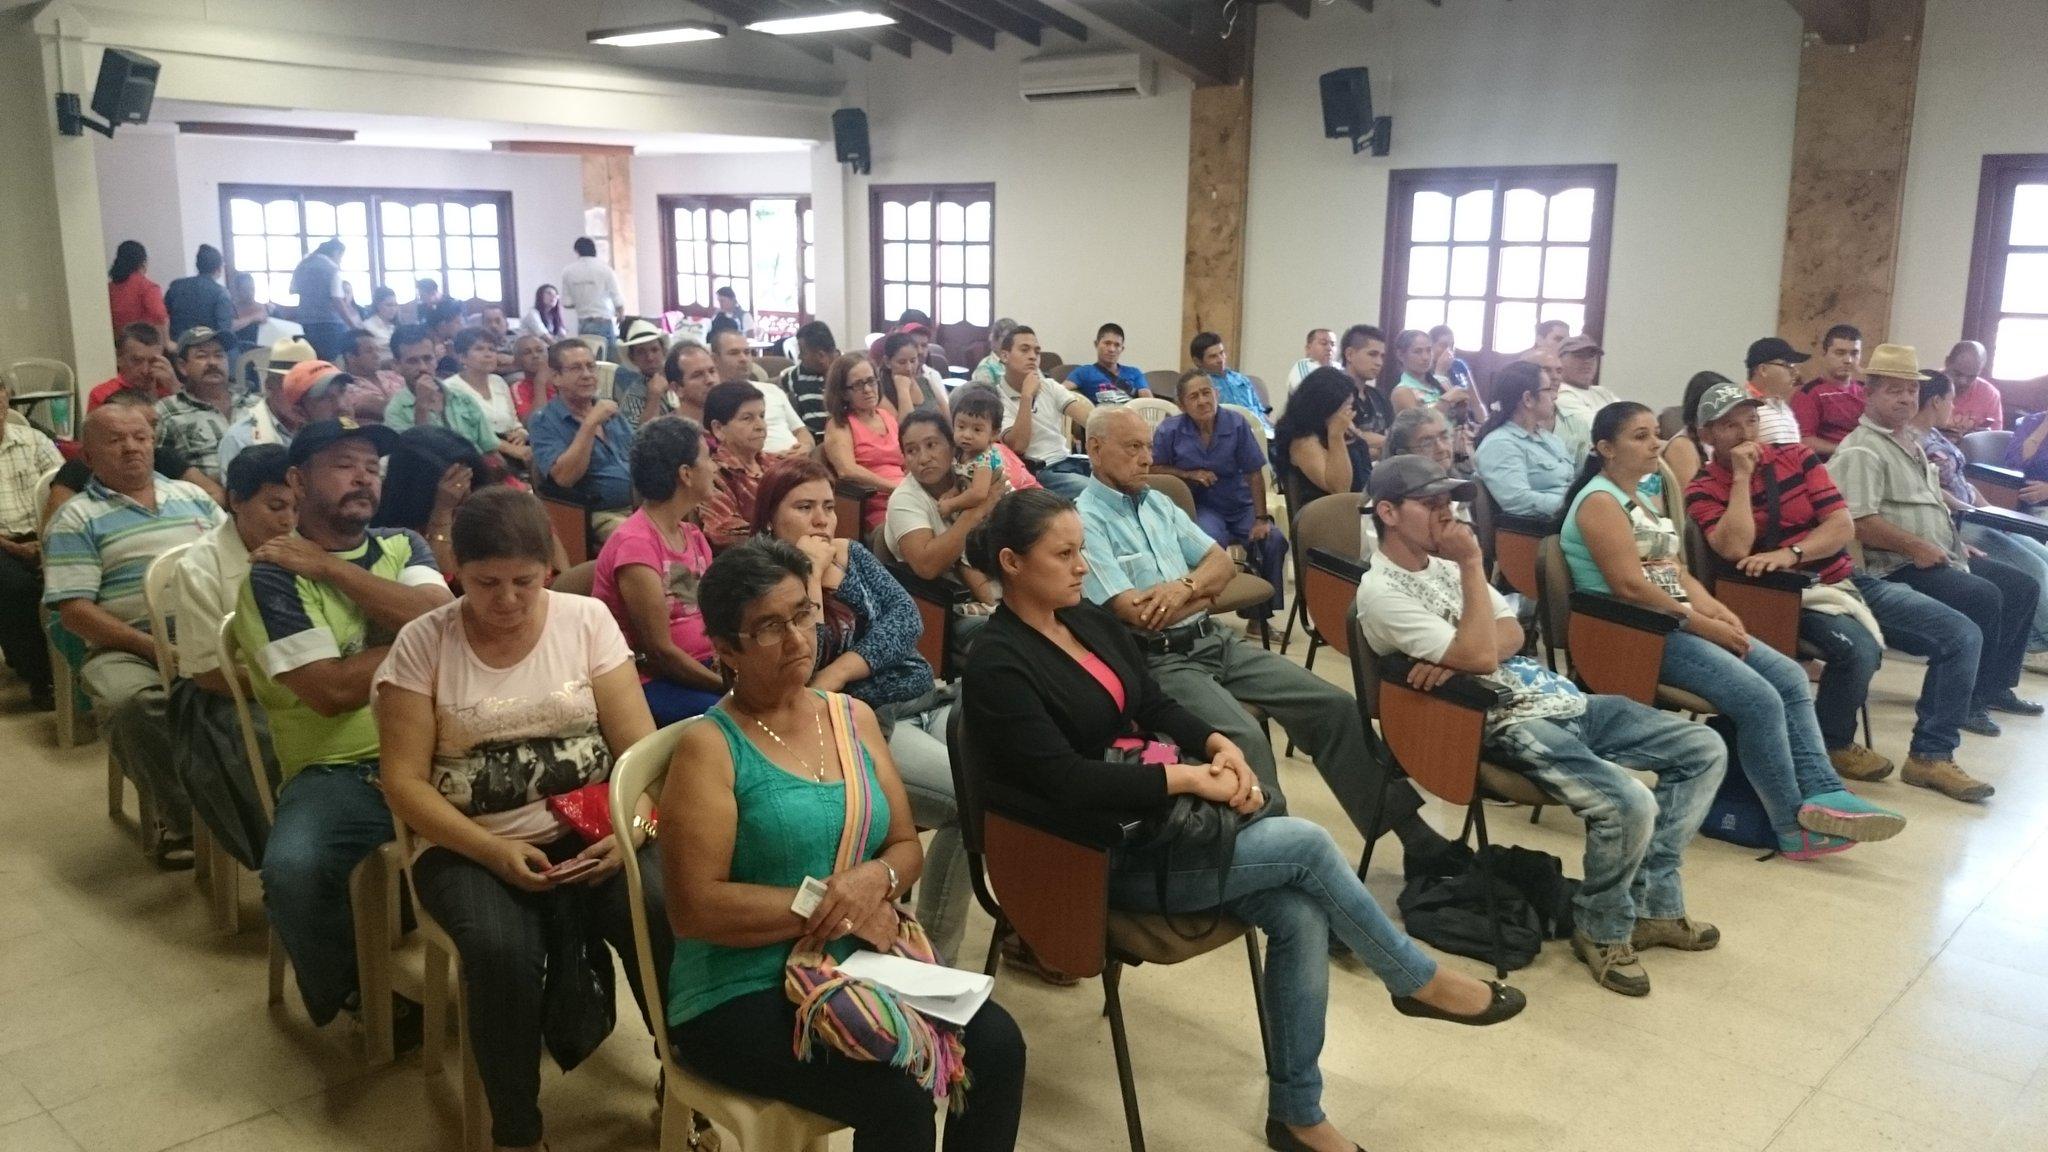 Unidad de Víctimas entregó en el municipio de Cocorná 211 indemnizaciones por valor de 1.817.733.612 #AntNoticias https://t.co/2k7NxXpoxi